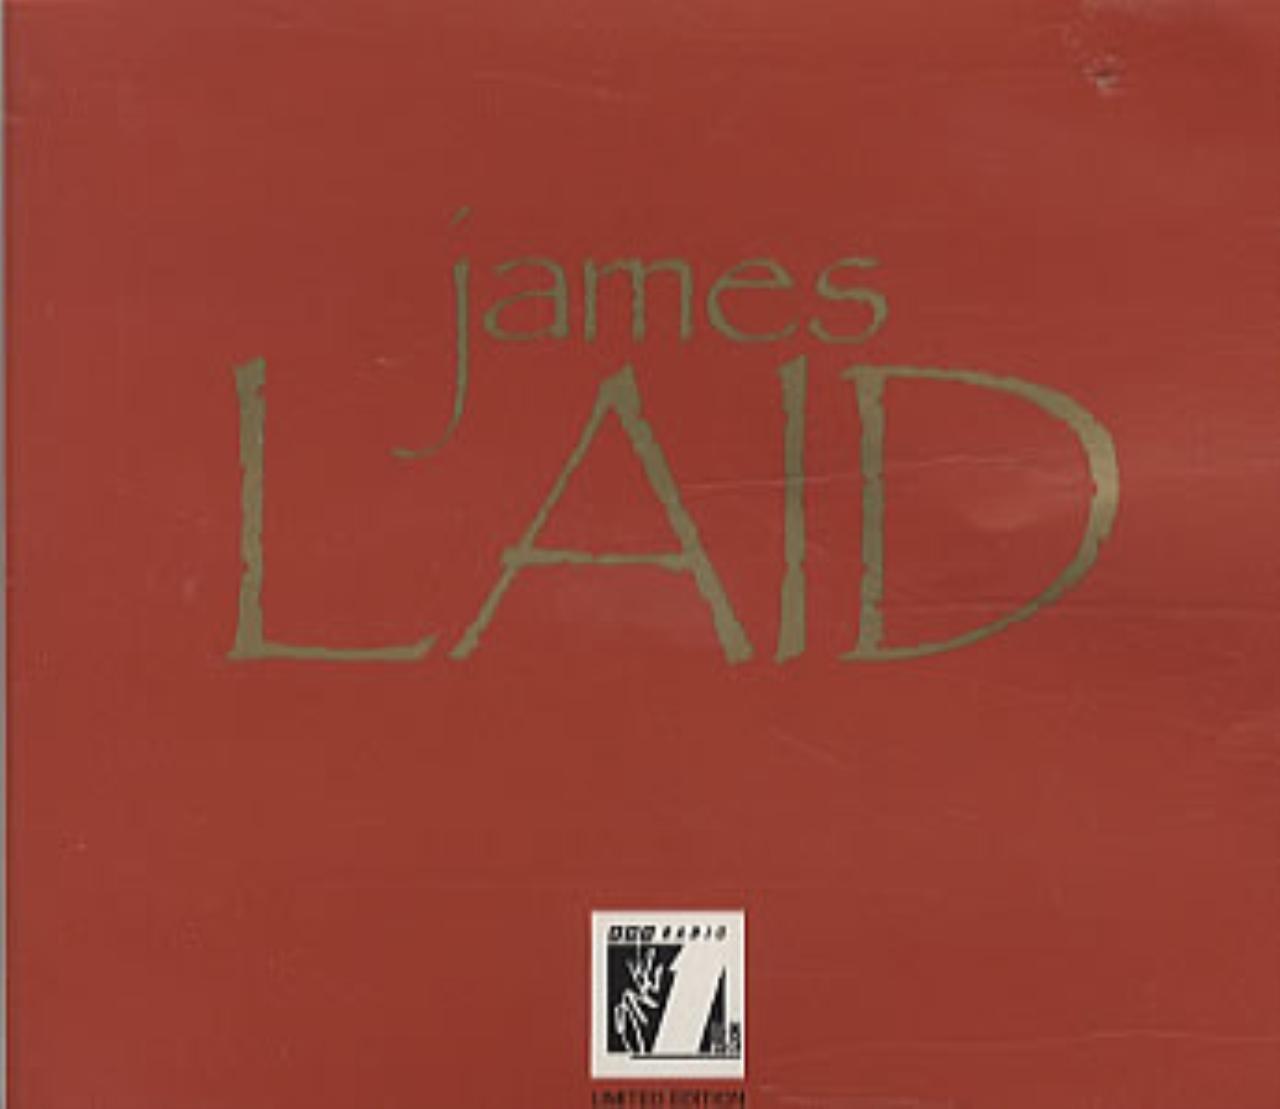 Laid (Live on Radio 1) by FONTANA